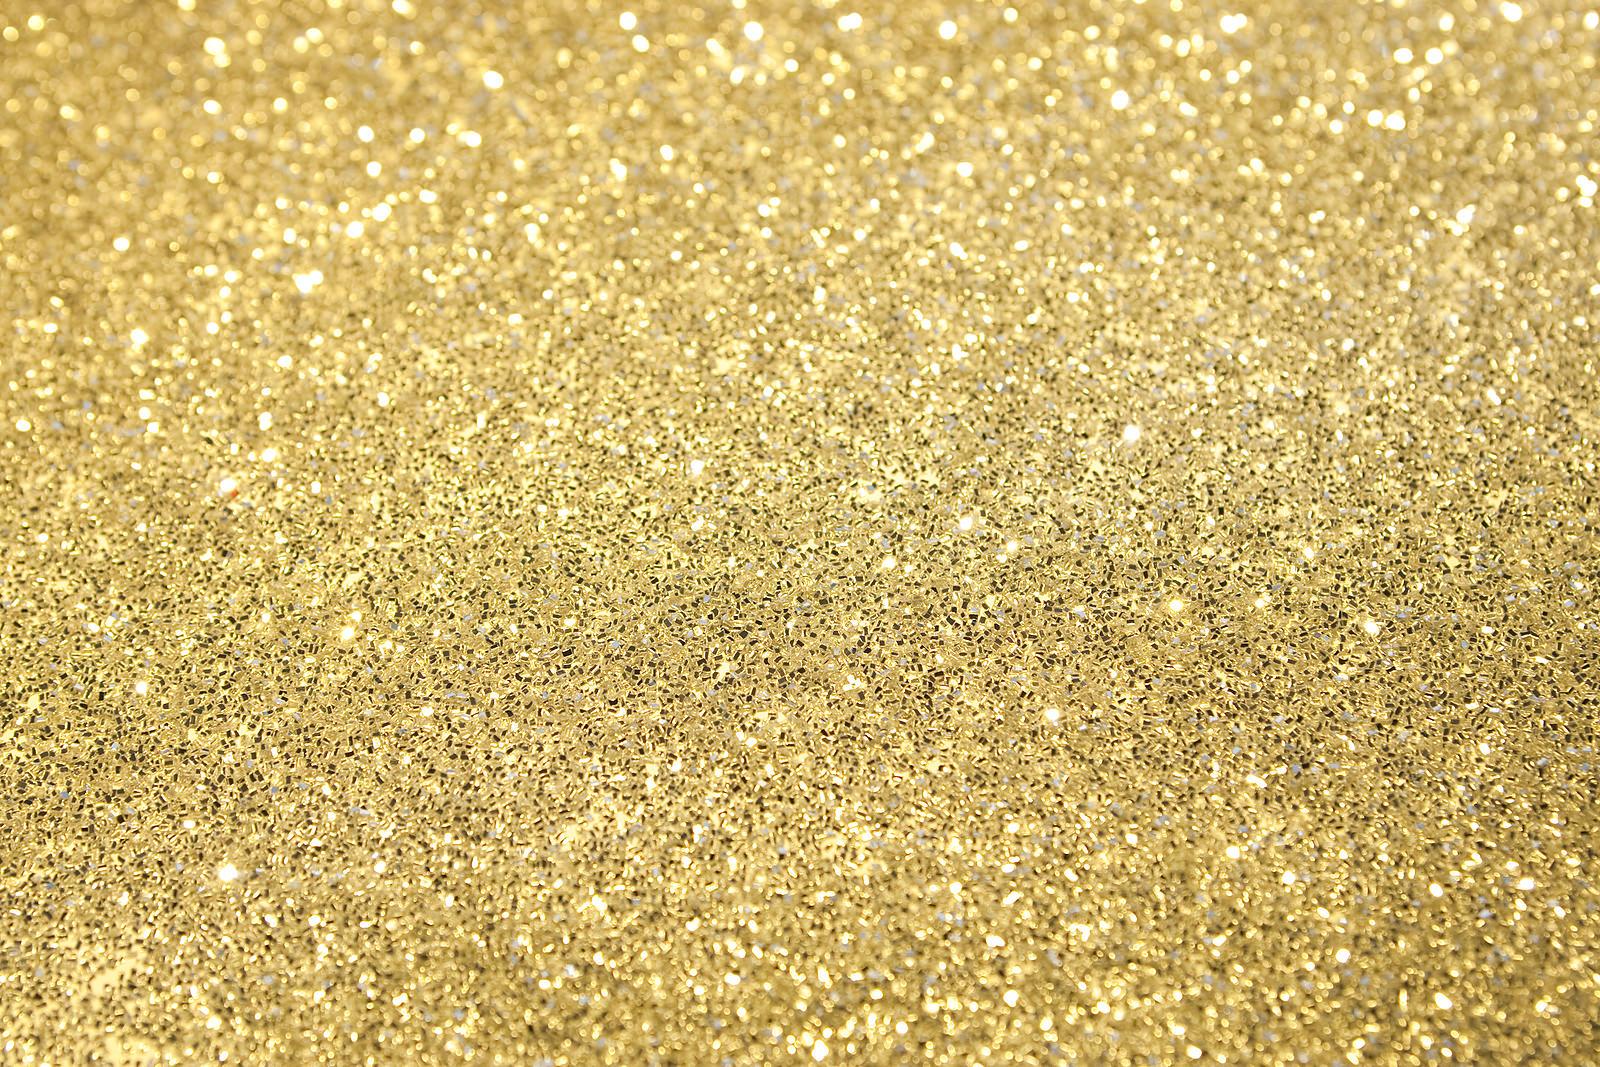 Glitter Tumblr Backgro...